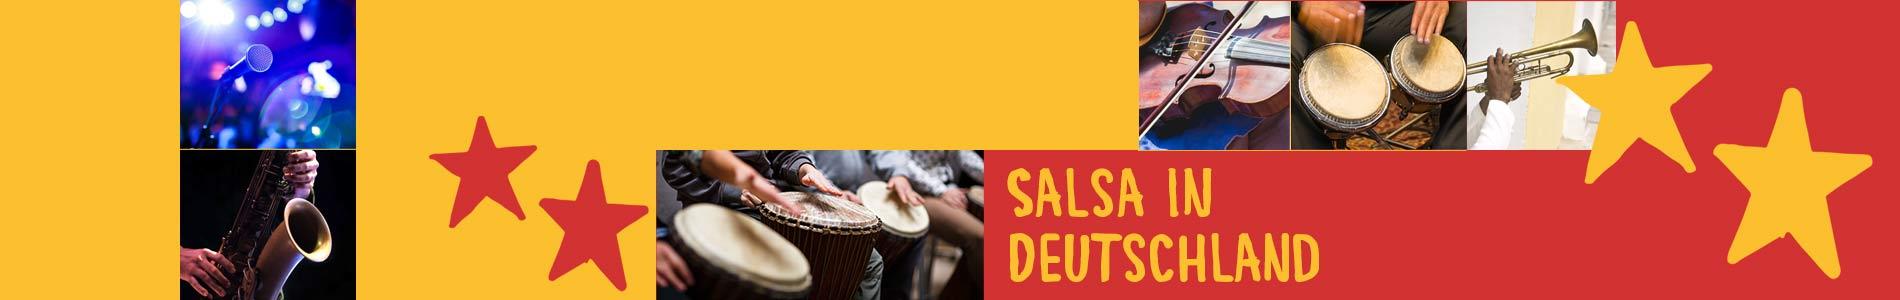 Salsa in Breklum – Salsa lernen und tanzen, Tanzkurse, Partys, Veranstaltungen